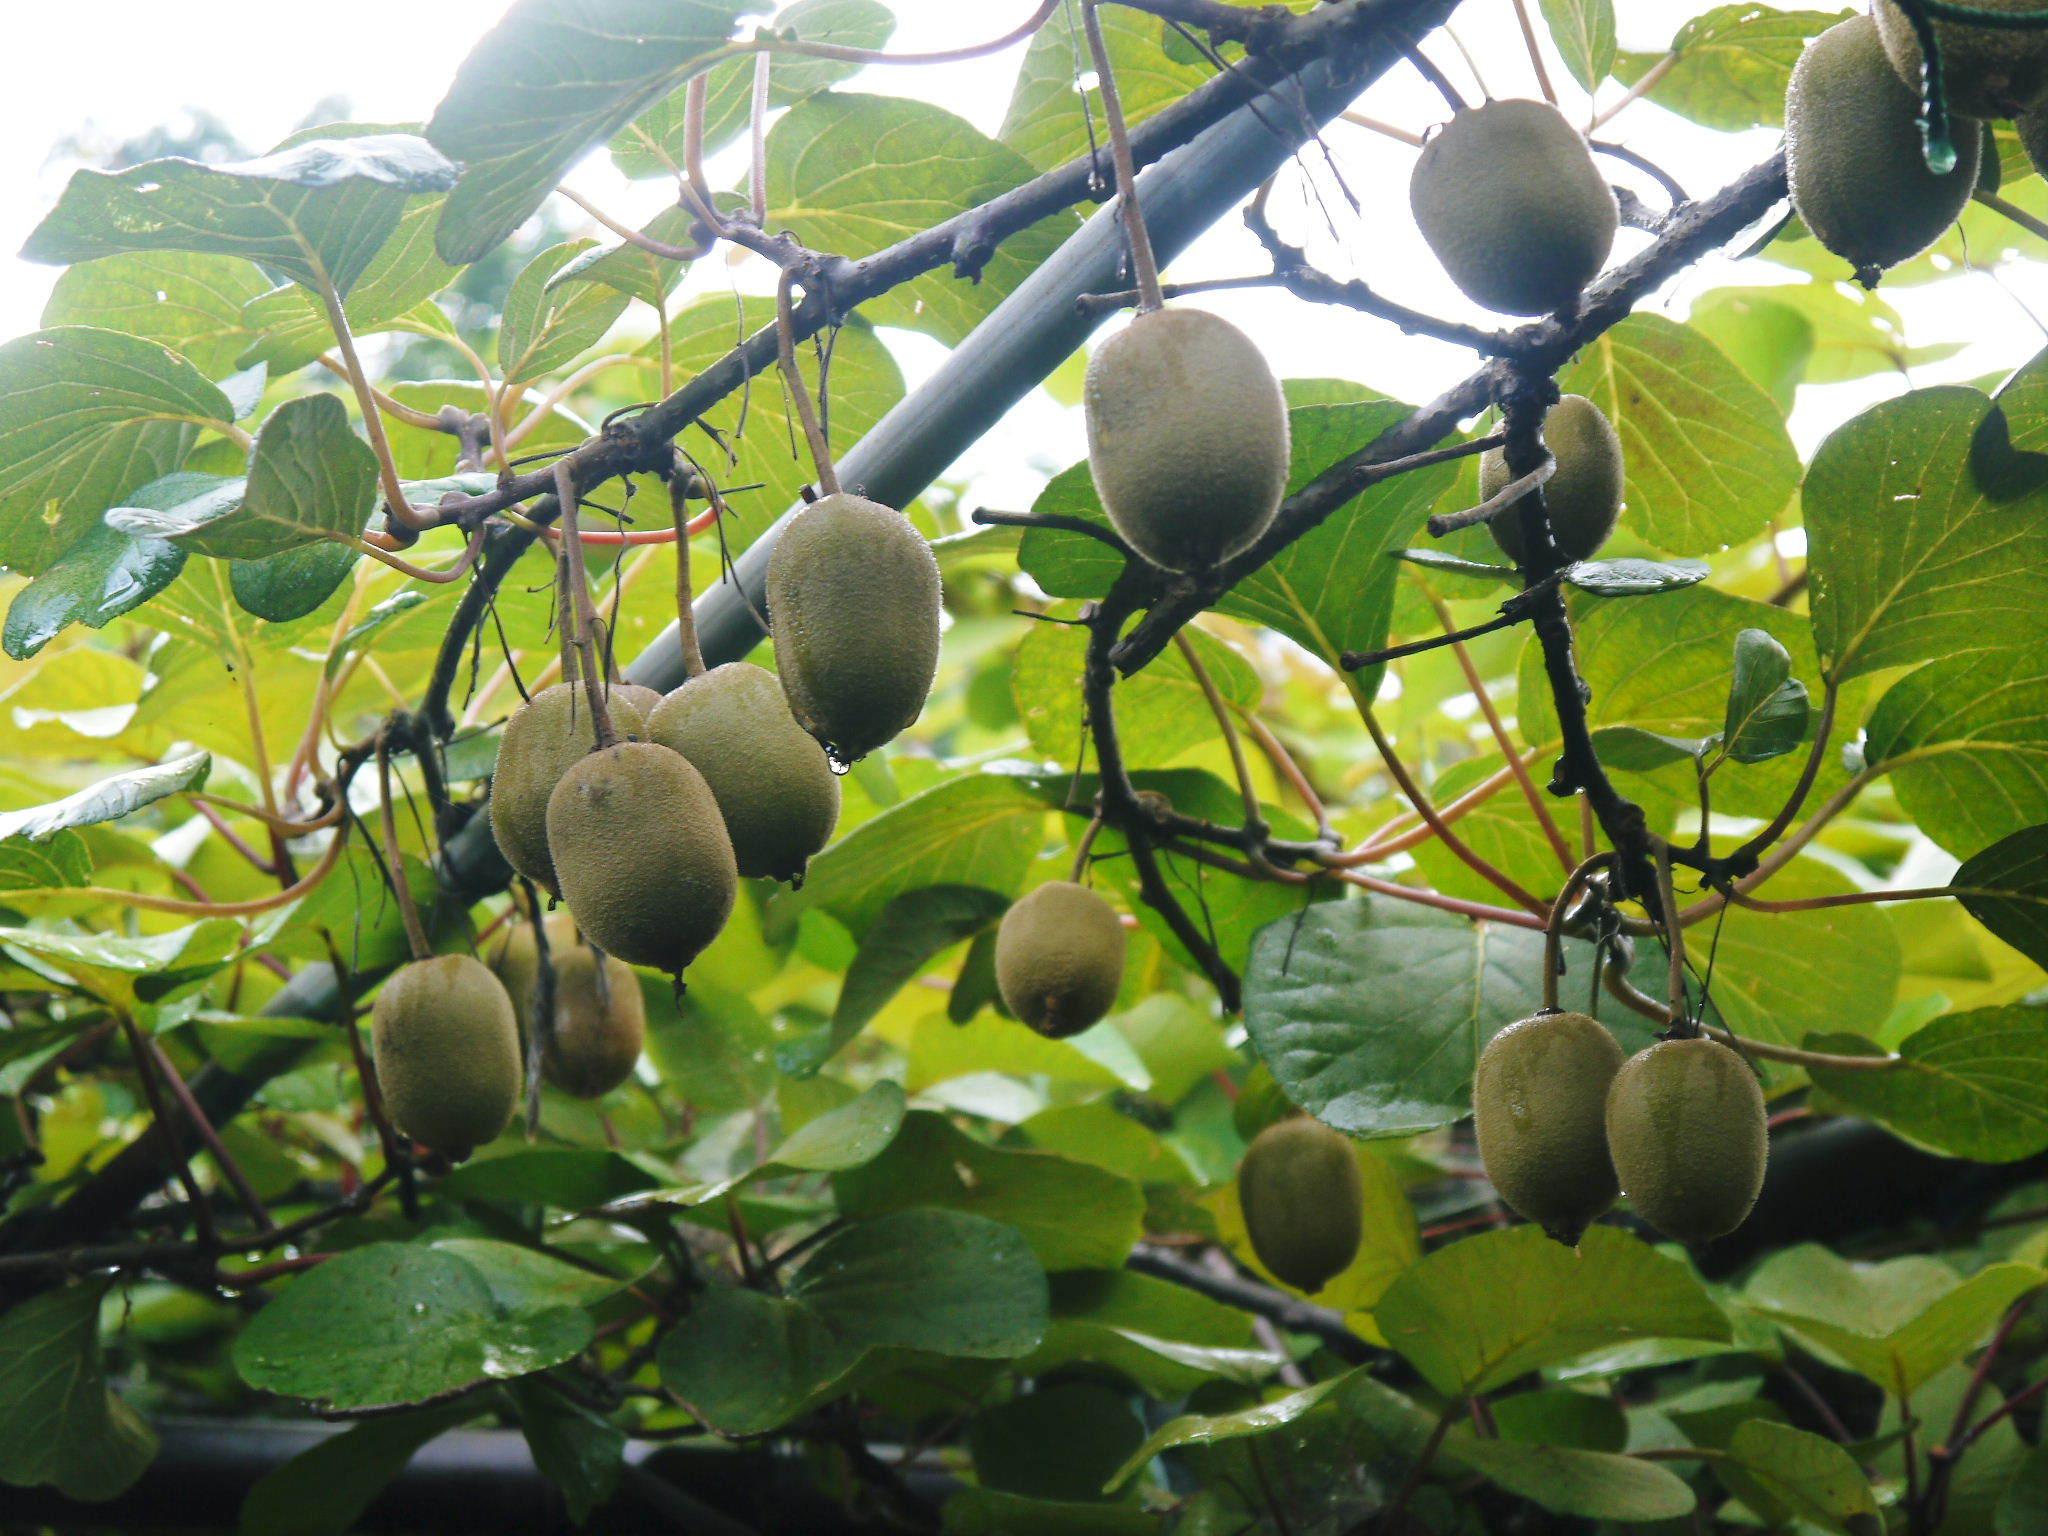 水源キウイ 今年(令和2年)も完全無農薬で育ててます!雨にも負けず元気に育ています!_a0254656_18404515.jpg